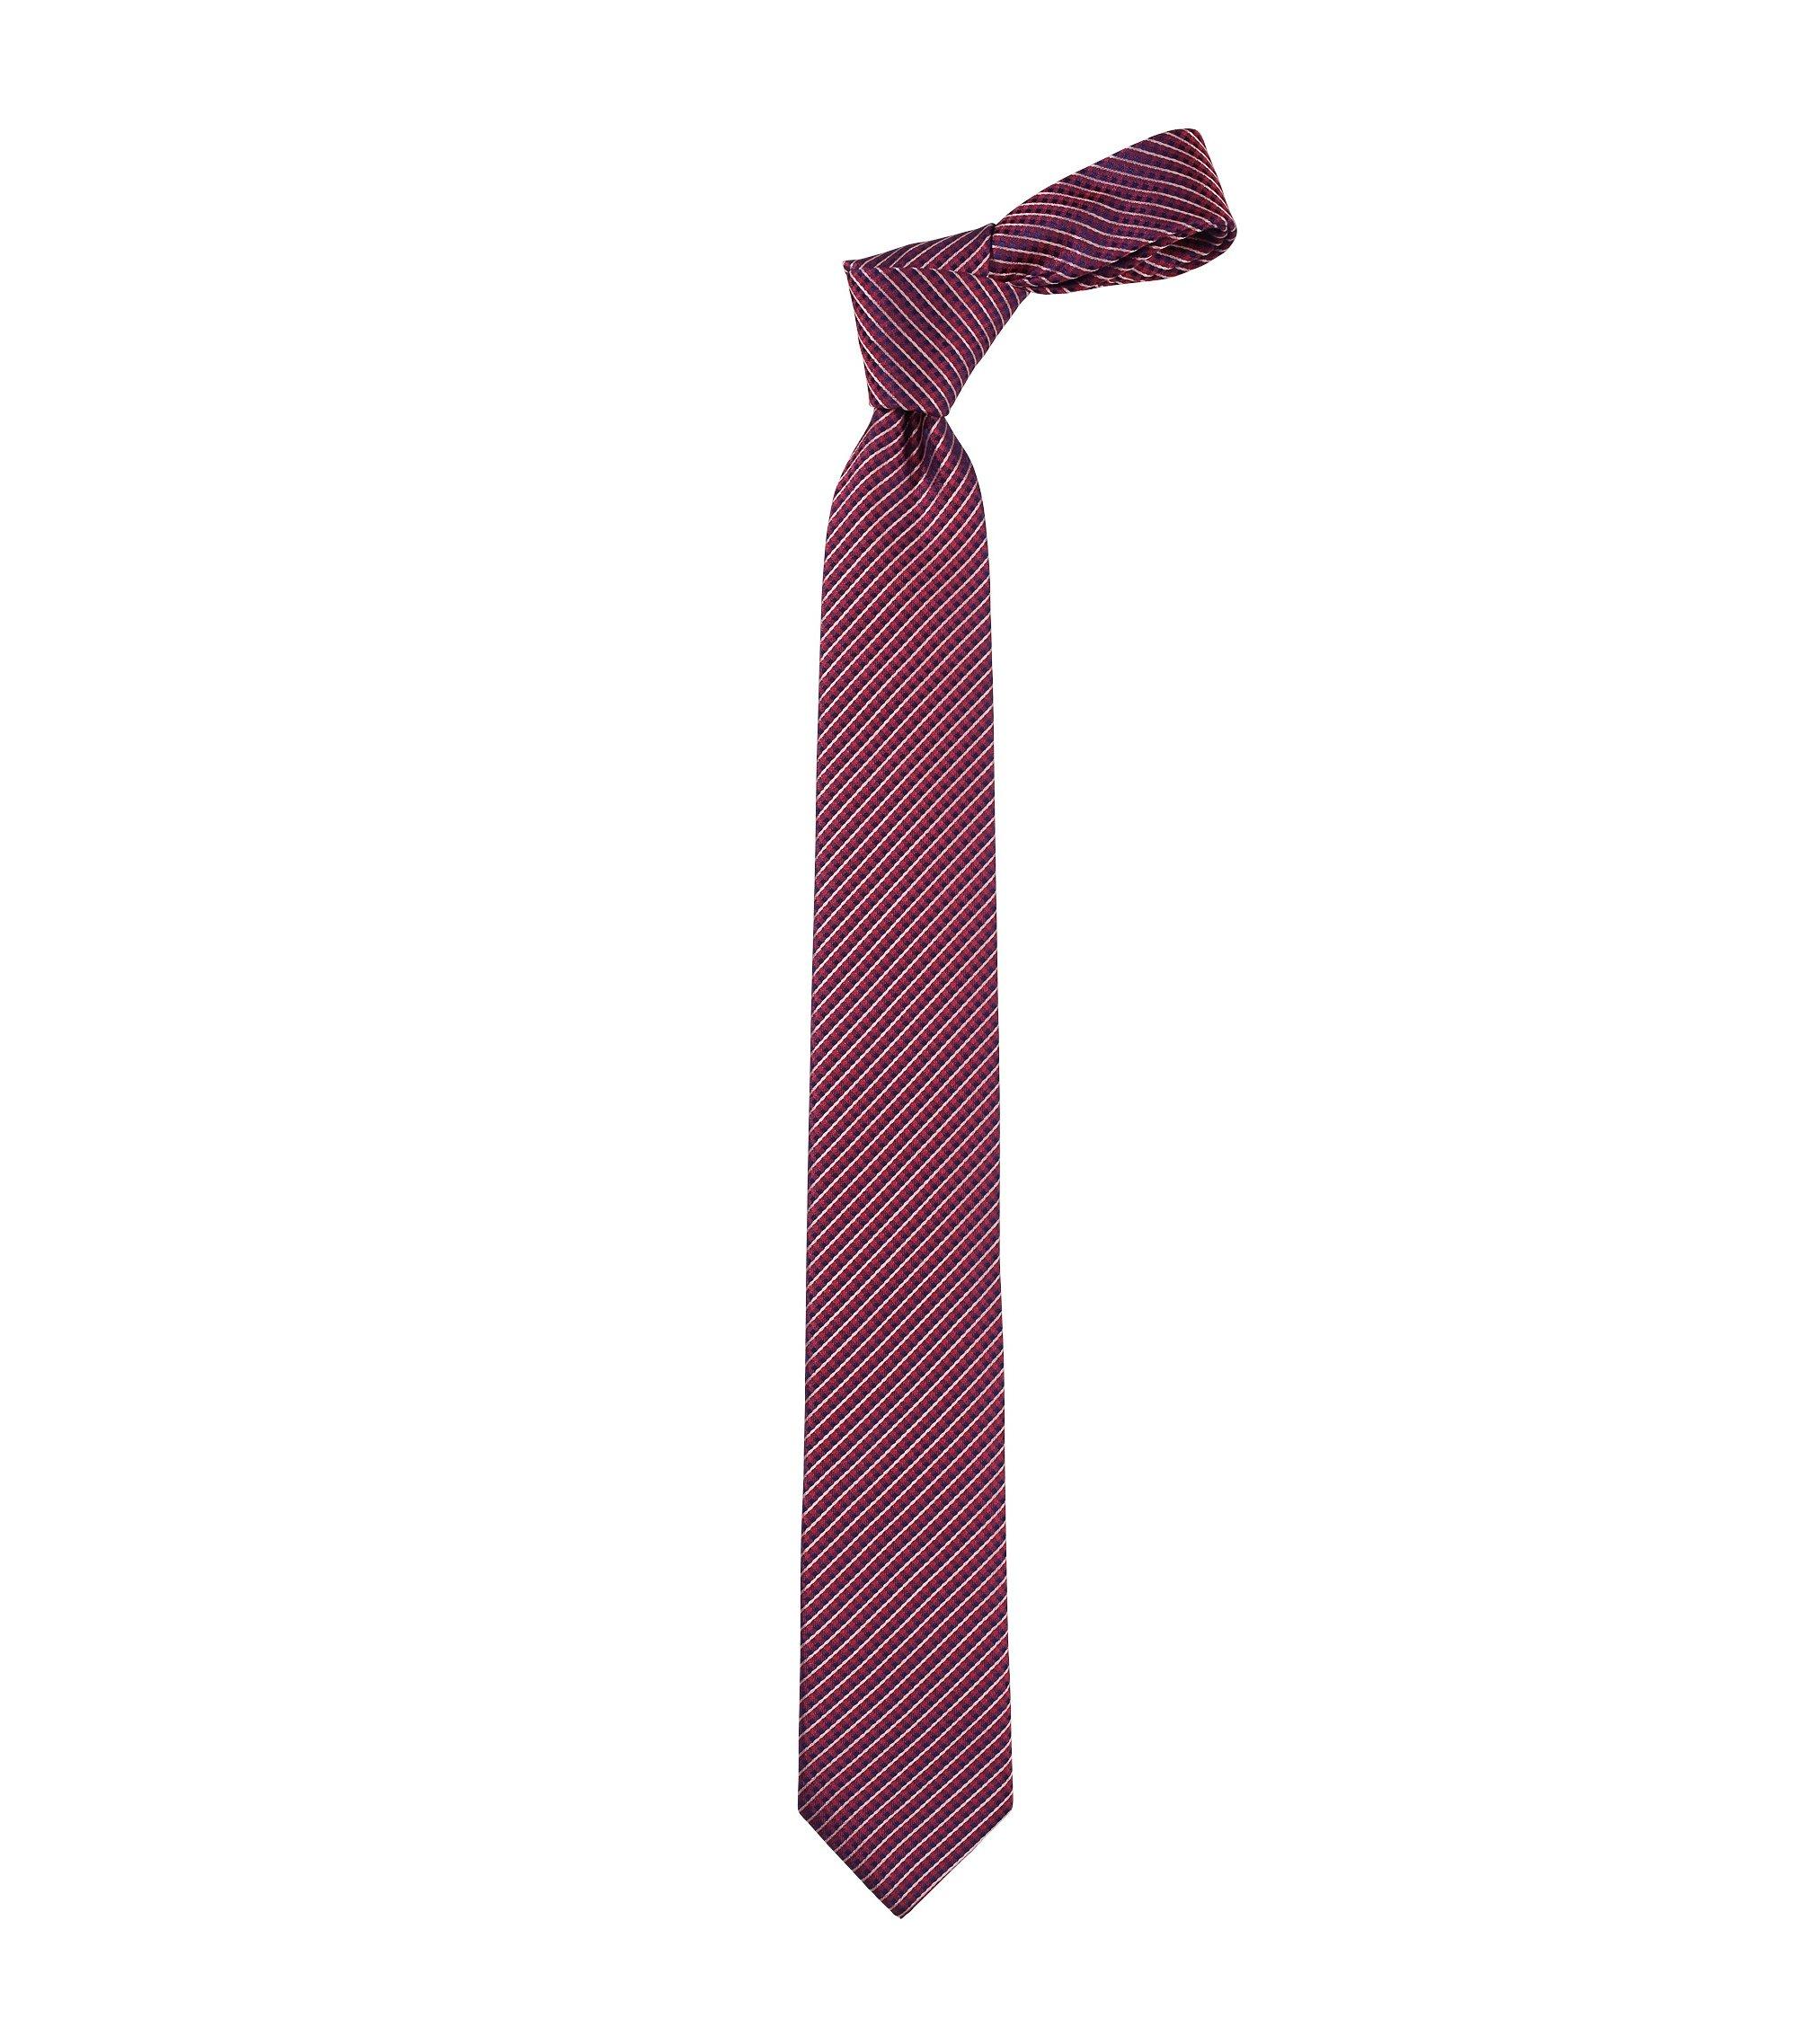 Cravate en pure soie, Tie 6 cm, Rouge sombre